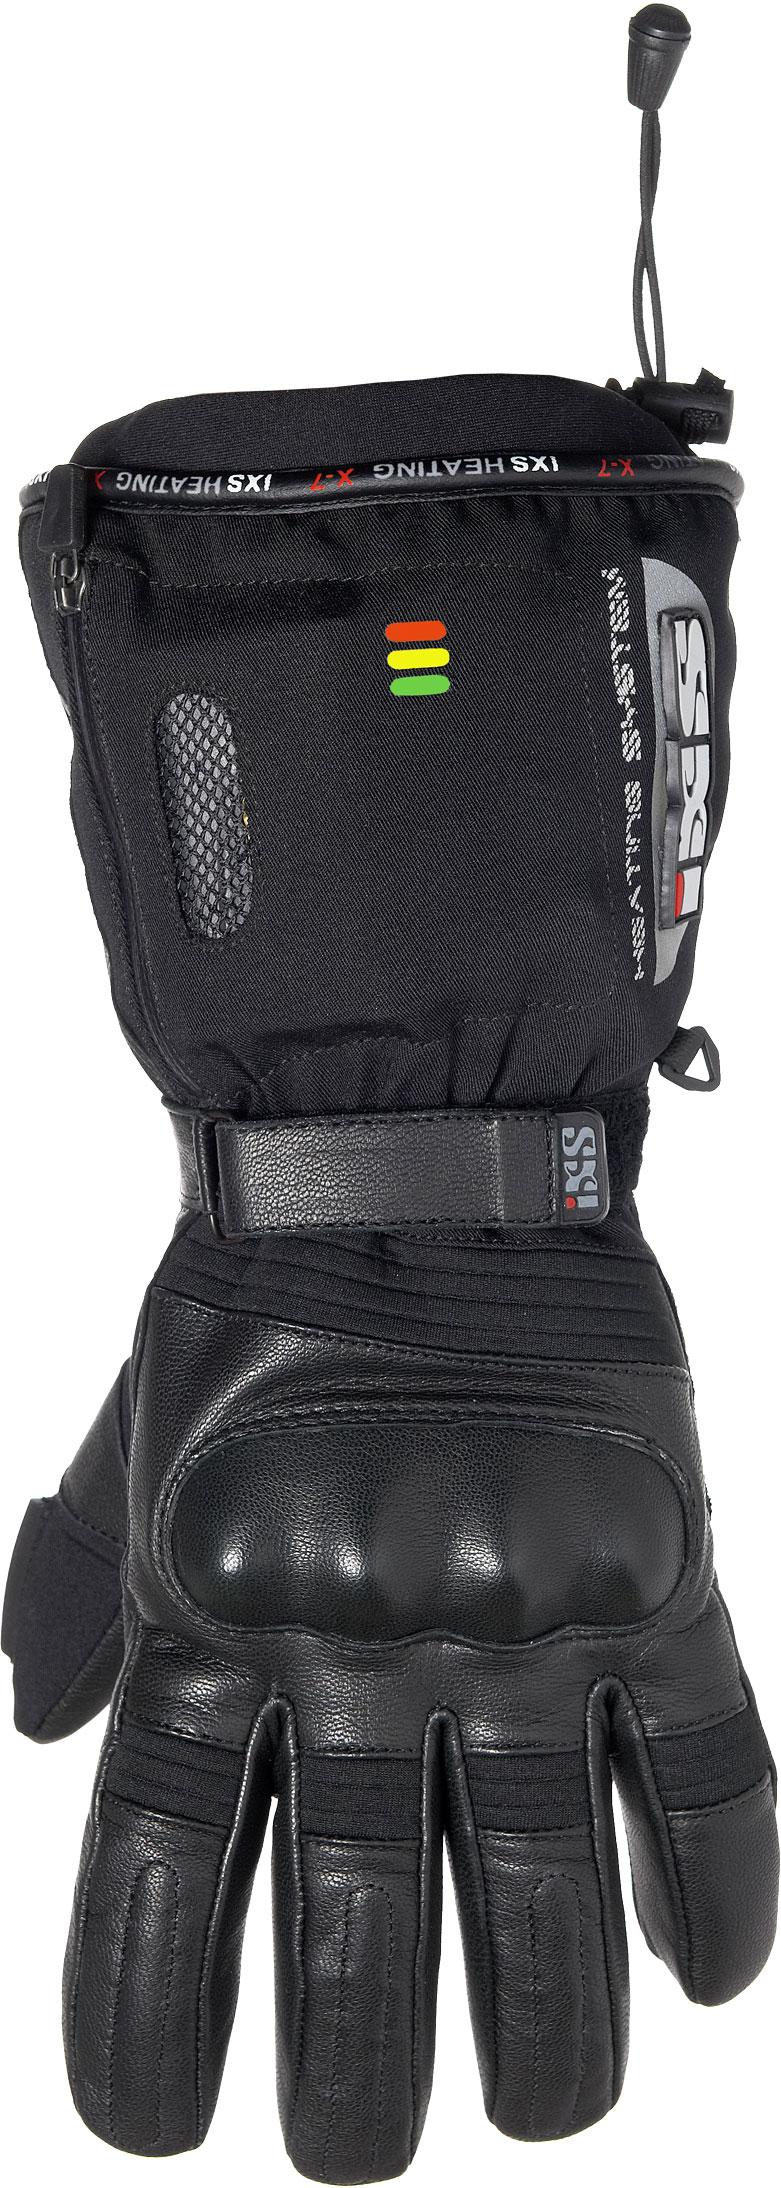 IXS X-7, Handschuhe beheizt - Schwarz - 3XL X42703-003-3XL